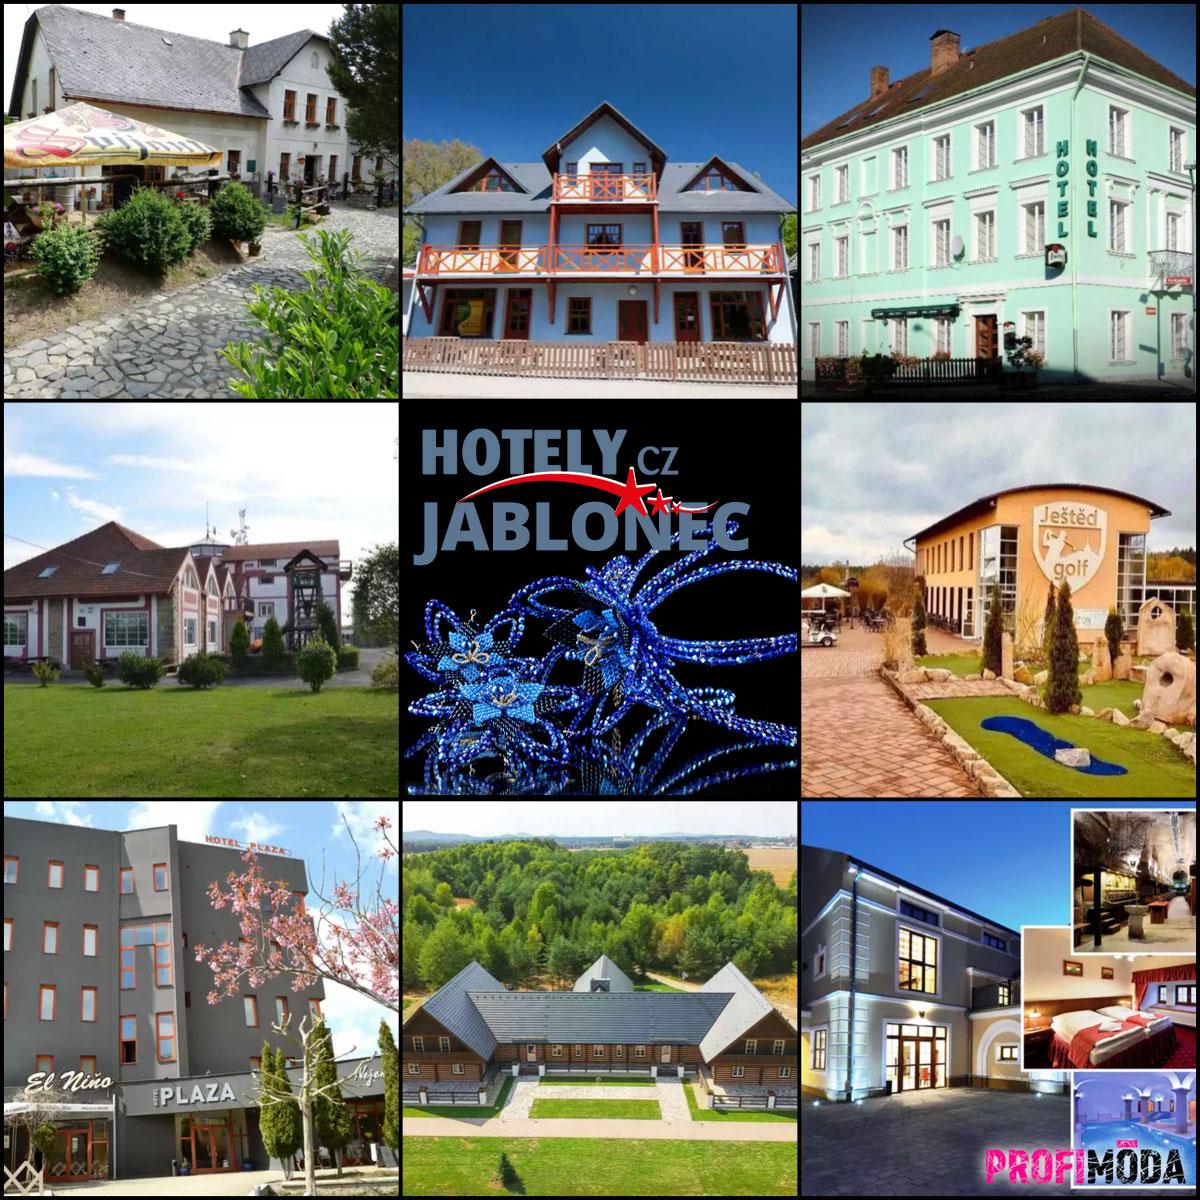 Ubytování v Jablonci – to je bydlení ve městě světoznámé české bižuterie.